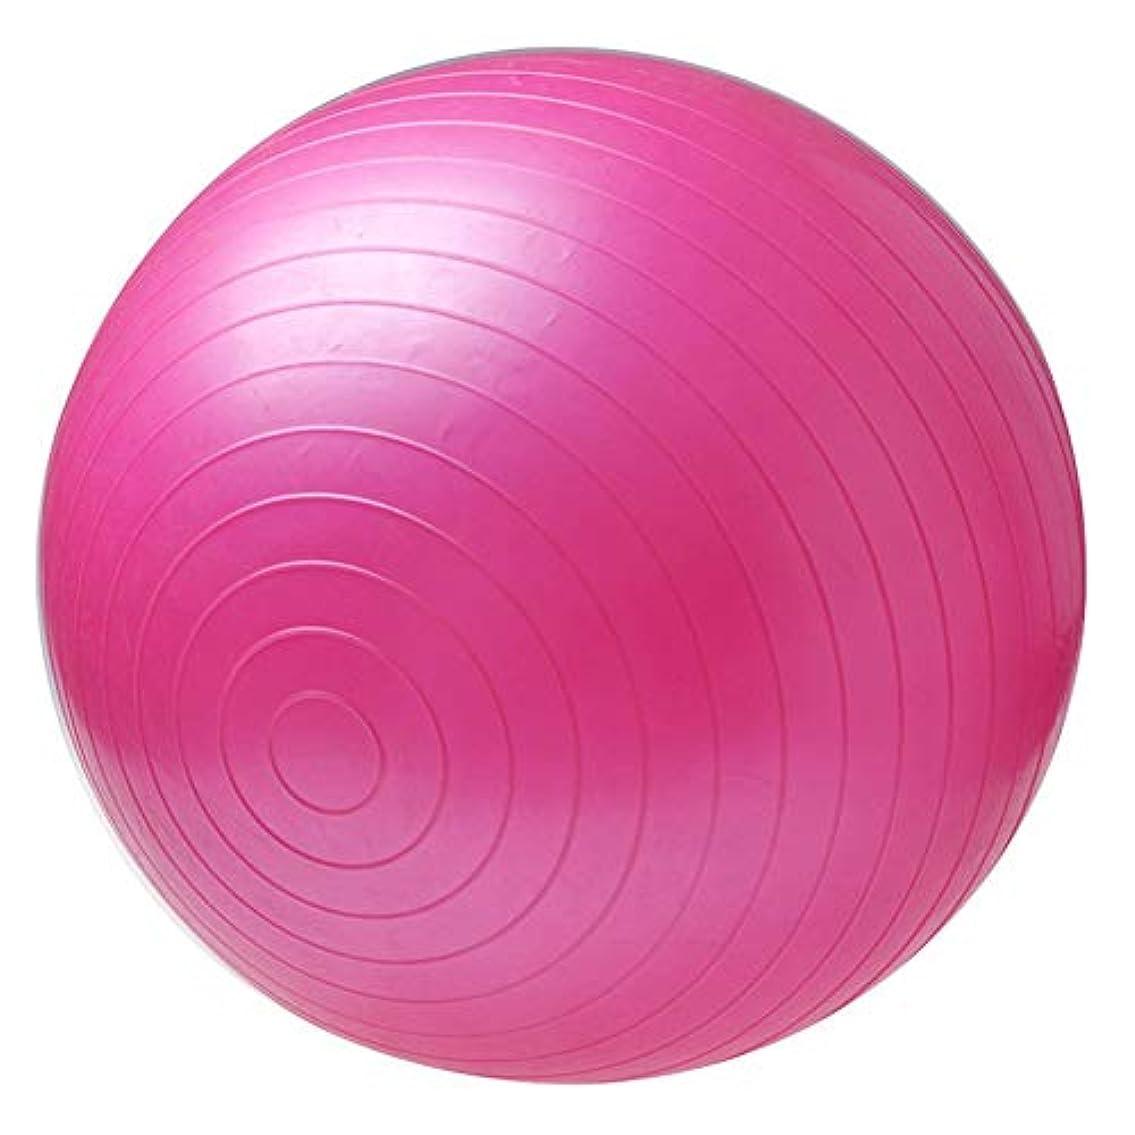 粒引き受ける商業の非毒性スポーツヨガボールボラピラティスフィットネスジムバランスフィットボールエクササイズピラティスワークアウトマッサージボール - ピンク75センチ